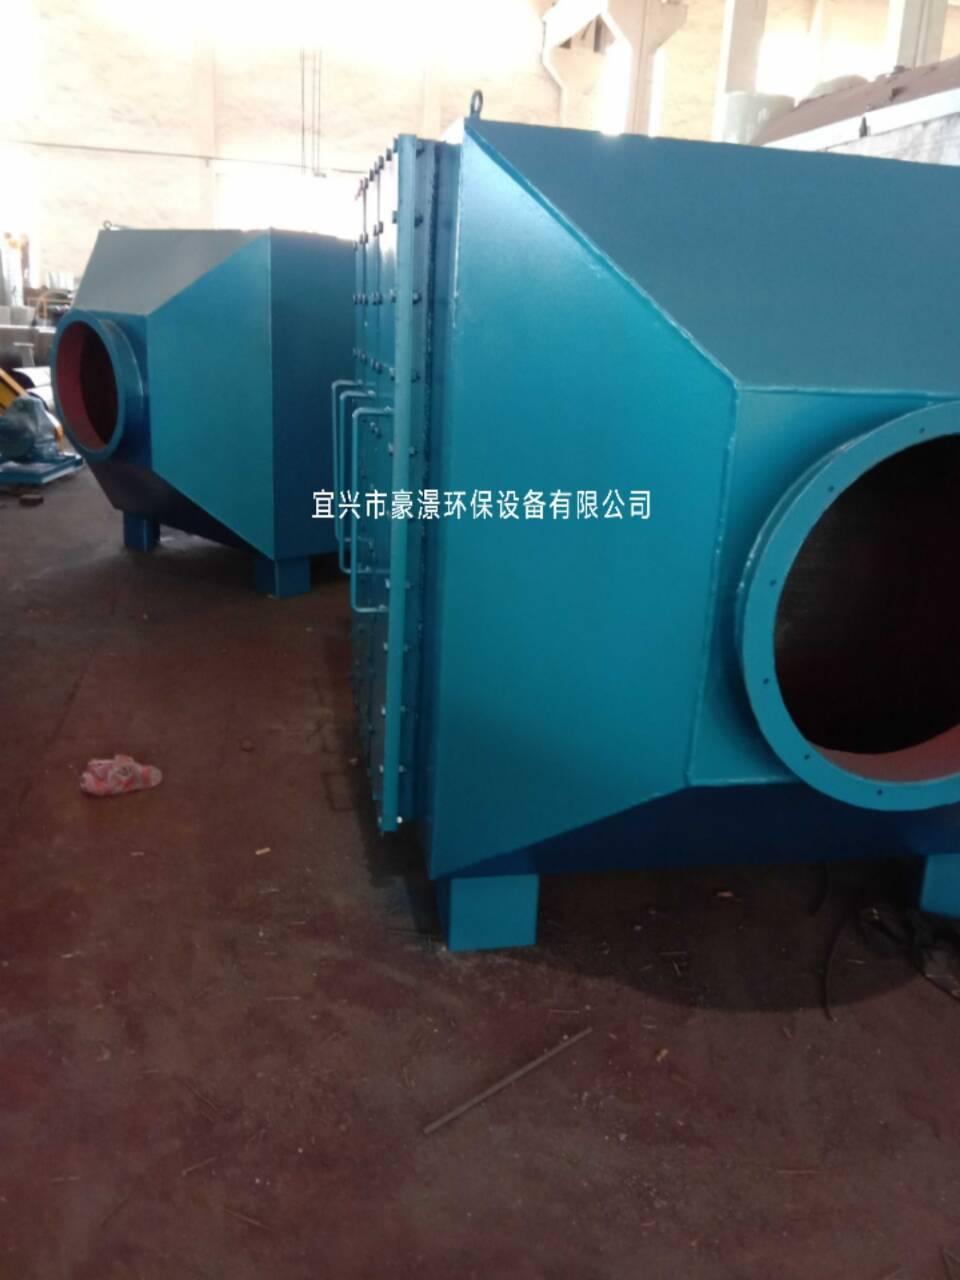 山東活性炭除臭設備青島活性炭吸附箱 1